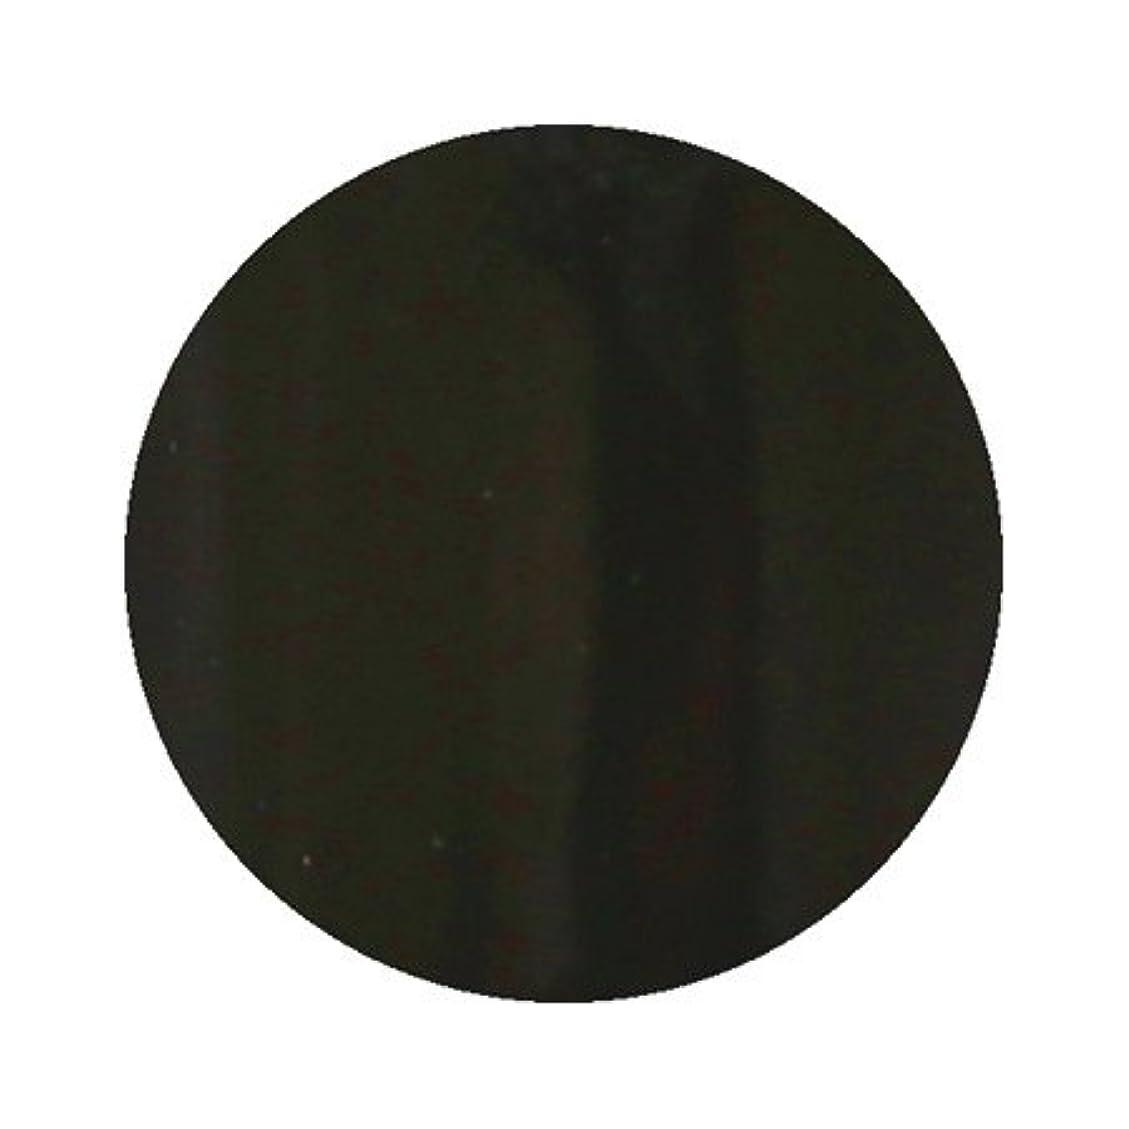 アルプス卵堀パラポリッシュ ハイブリッドカラージェル MD14 ディープグリーン 7g